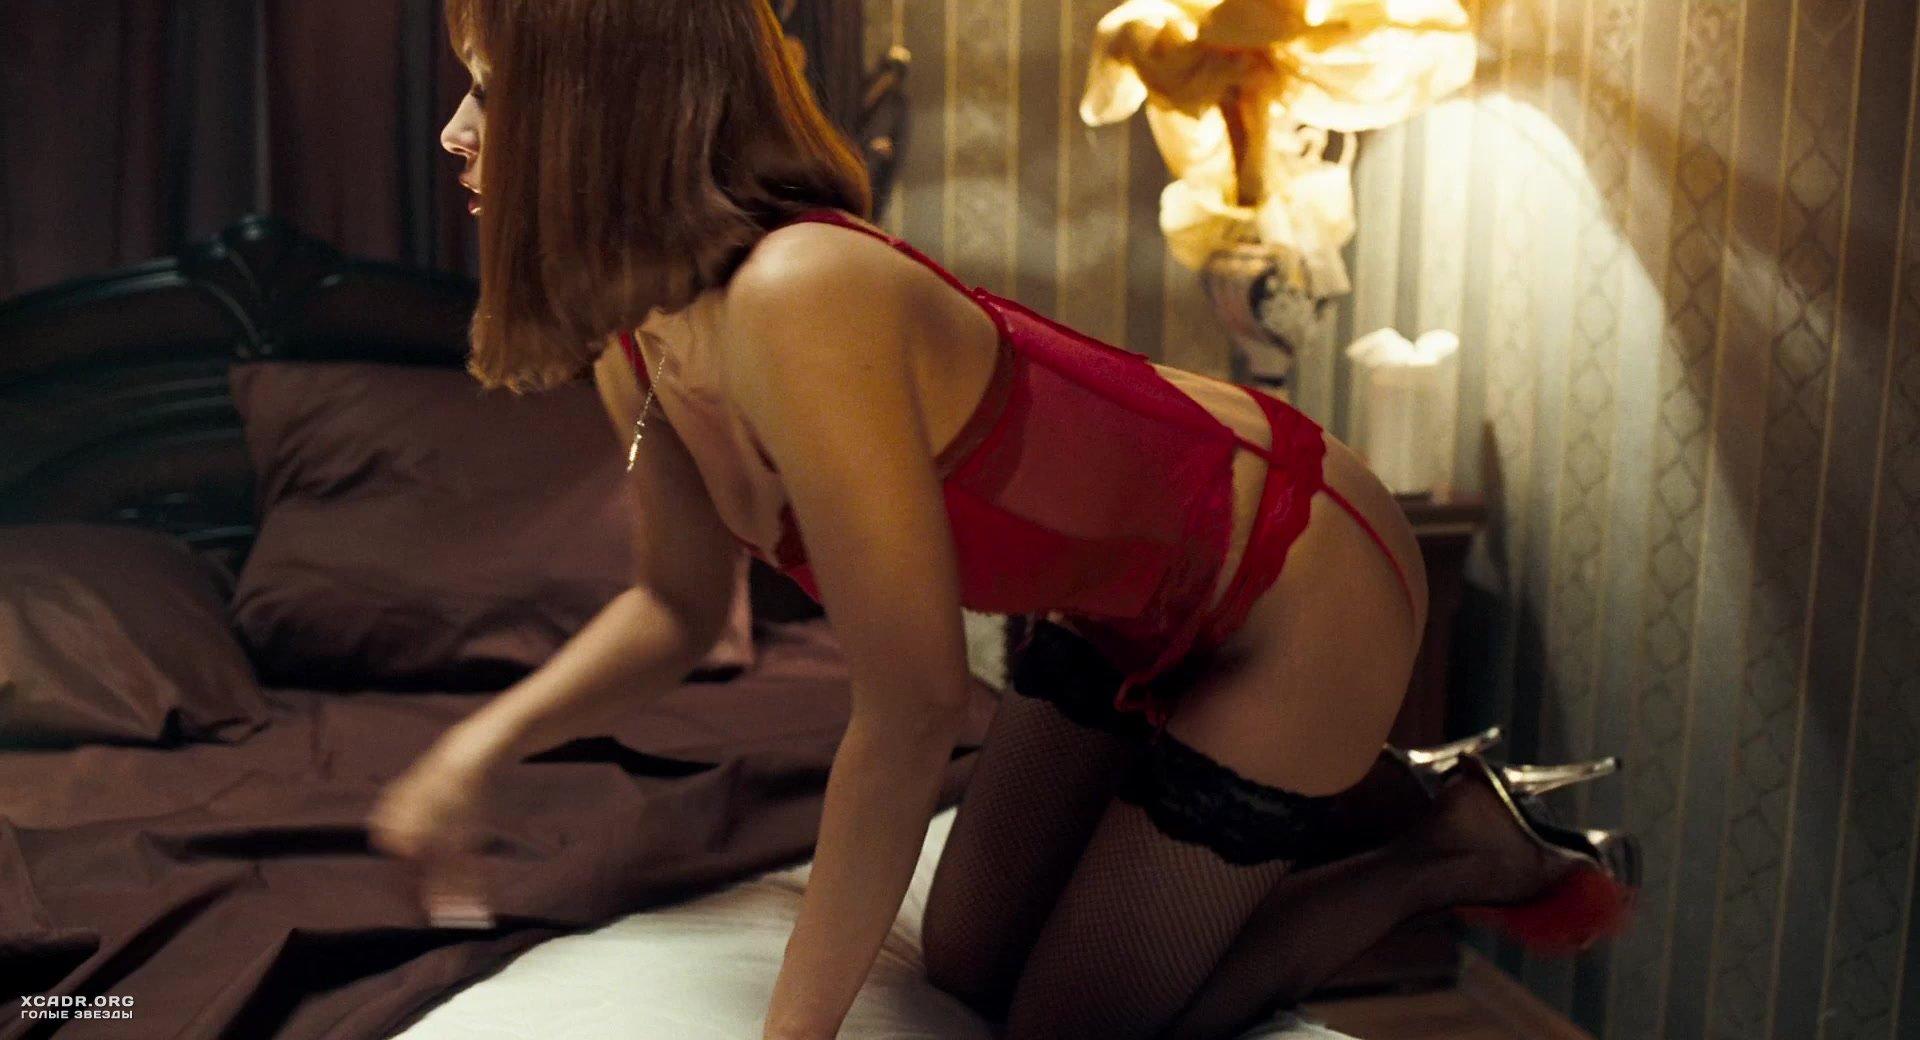 Эротические фильмы с элементами порно